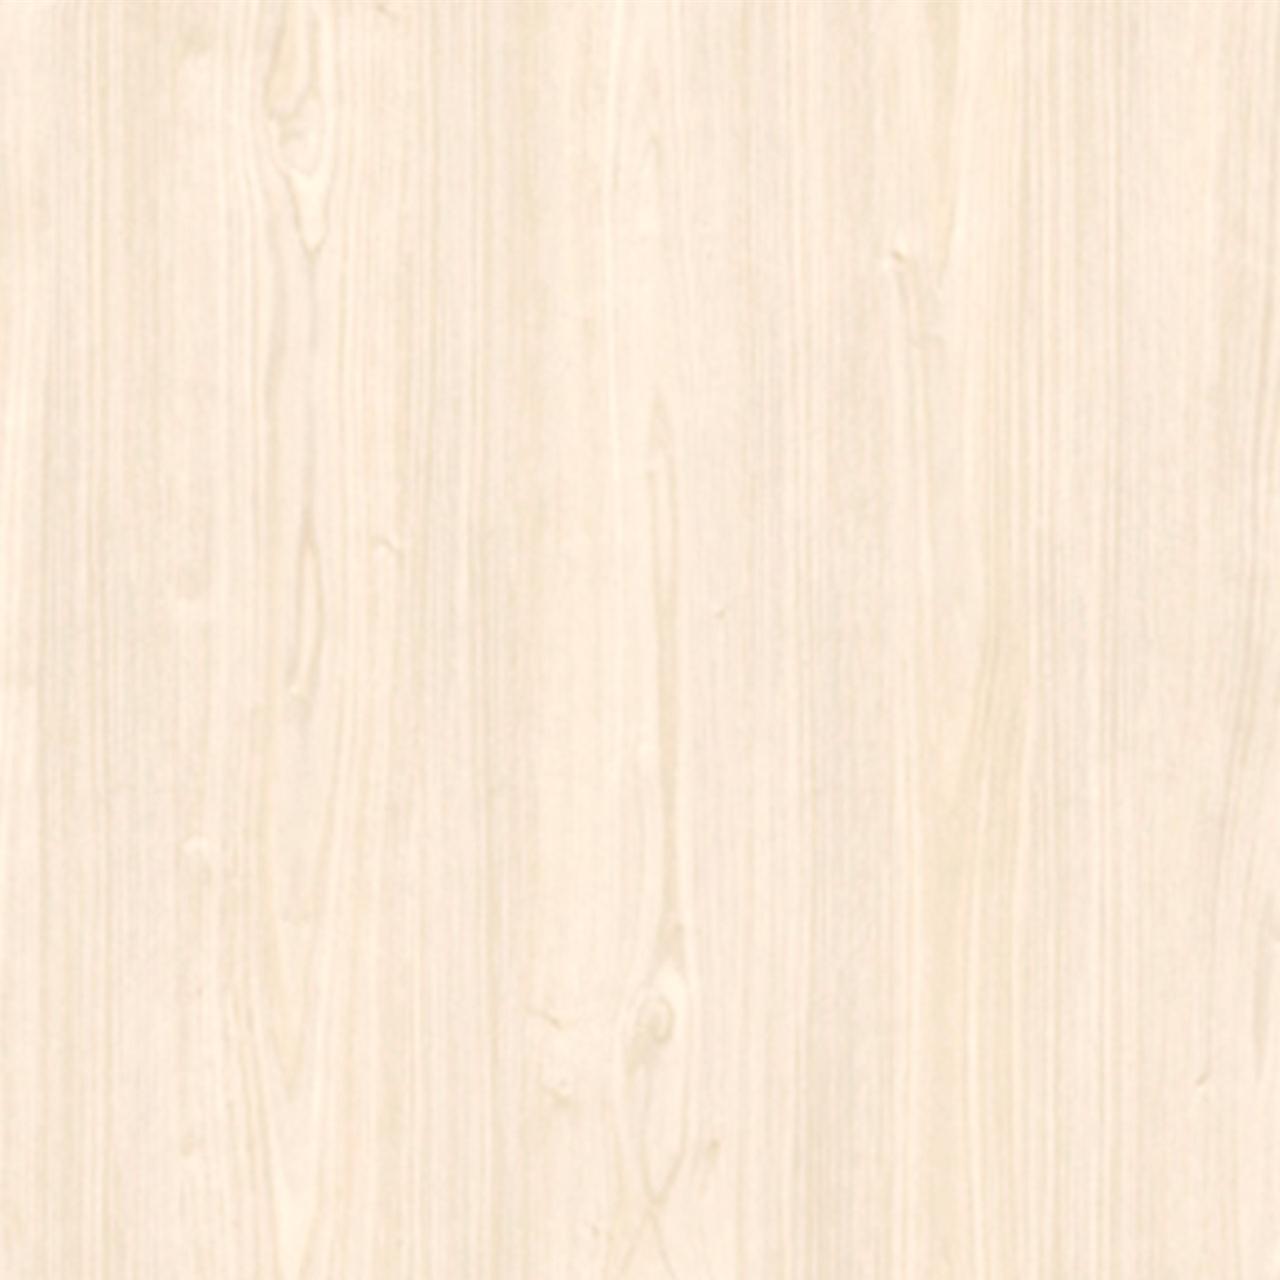 Алюминиевая композитная панель 1,22х2,44 дерево-белый клен 3мм 0,12мкм